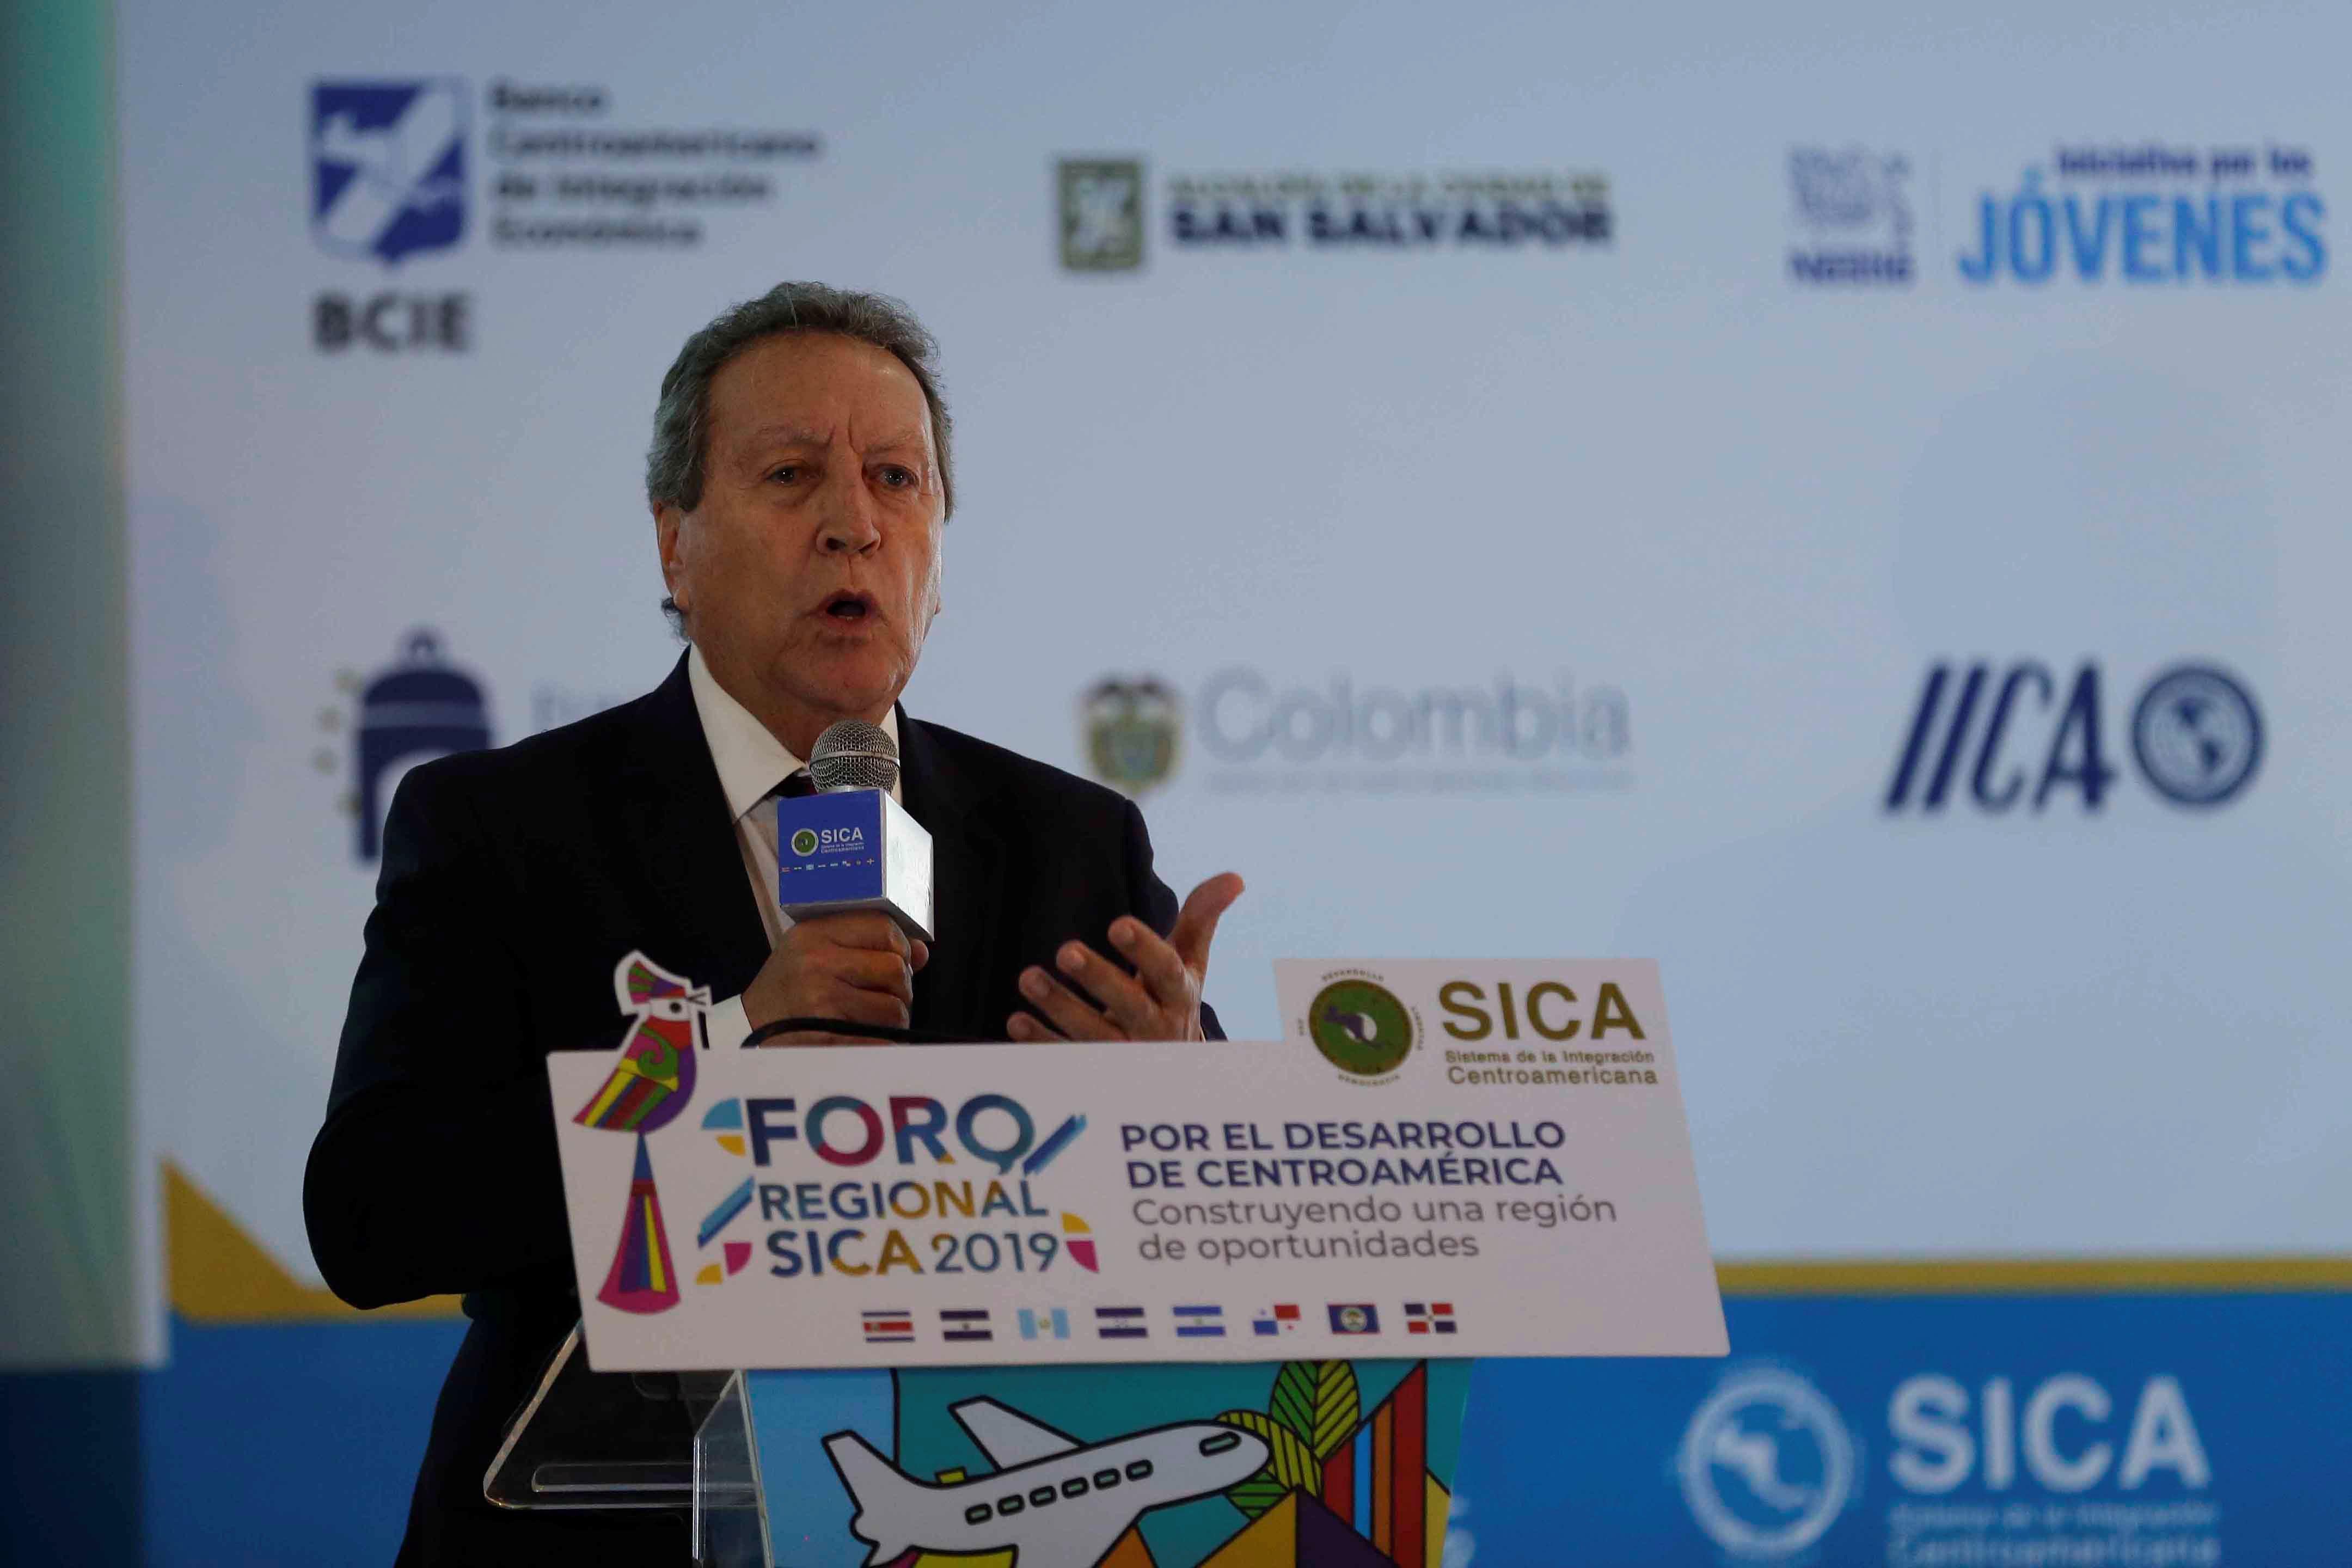 El SICA pretende cambiar el rostro de Centroamérica con un ambicioso proyecto